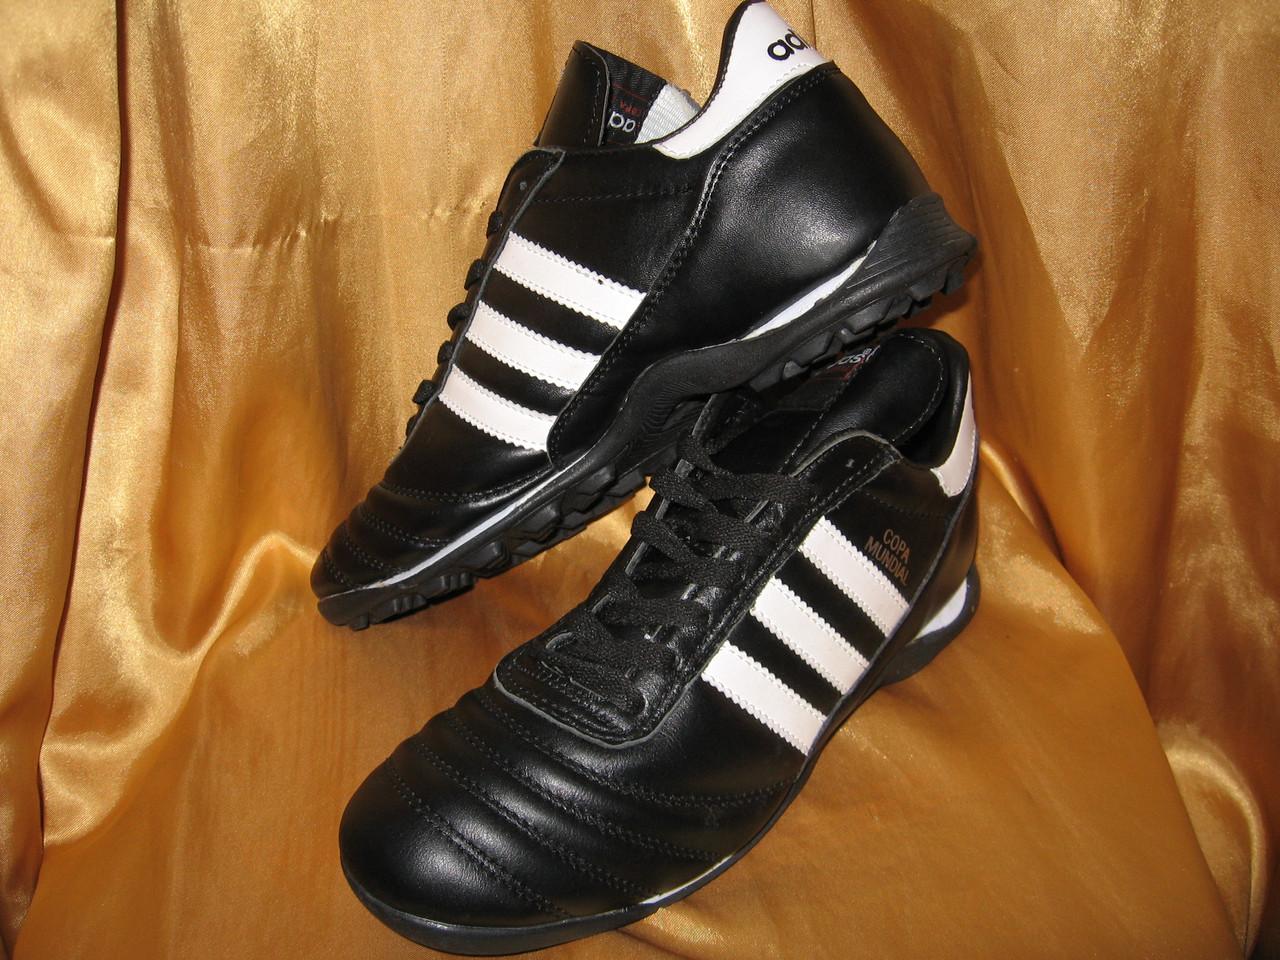 a60da24ad614 Обувь для зала мужская AD (р-р 40-45) COPA MANDUAL (верх-PU, подошва-PU,  черный-белый)